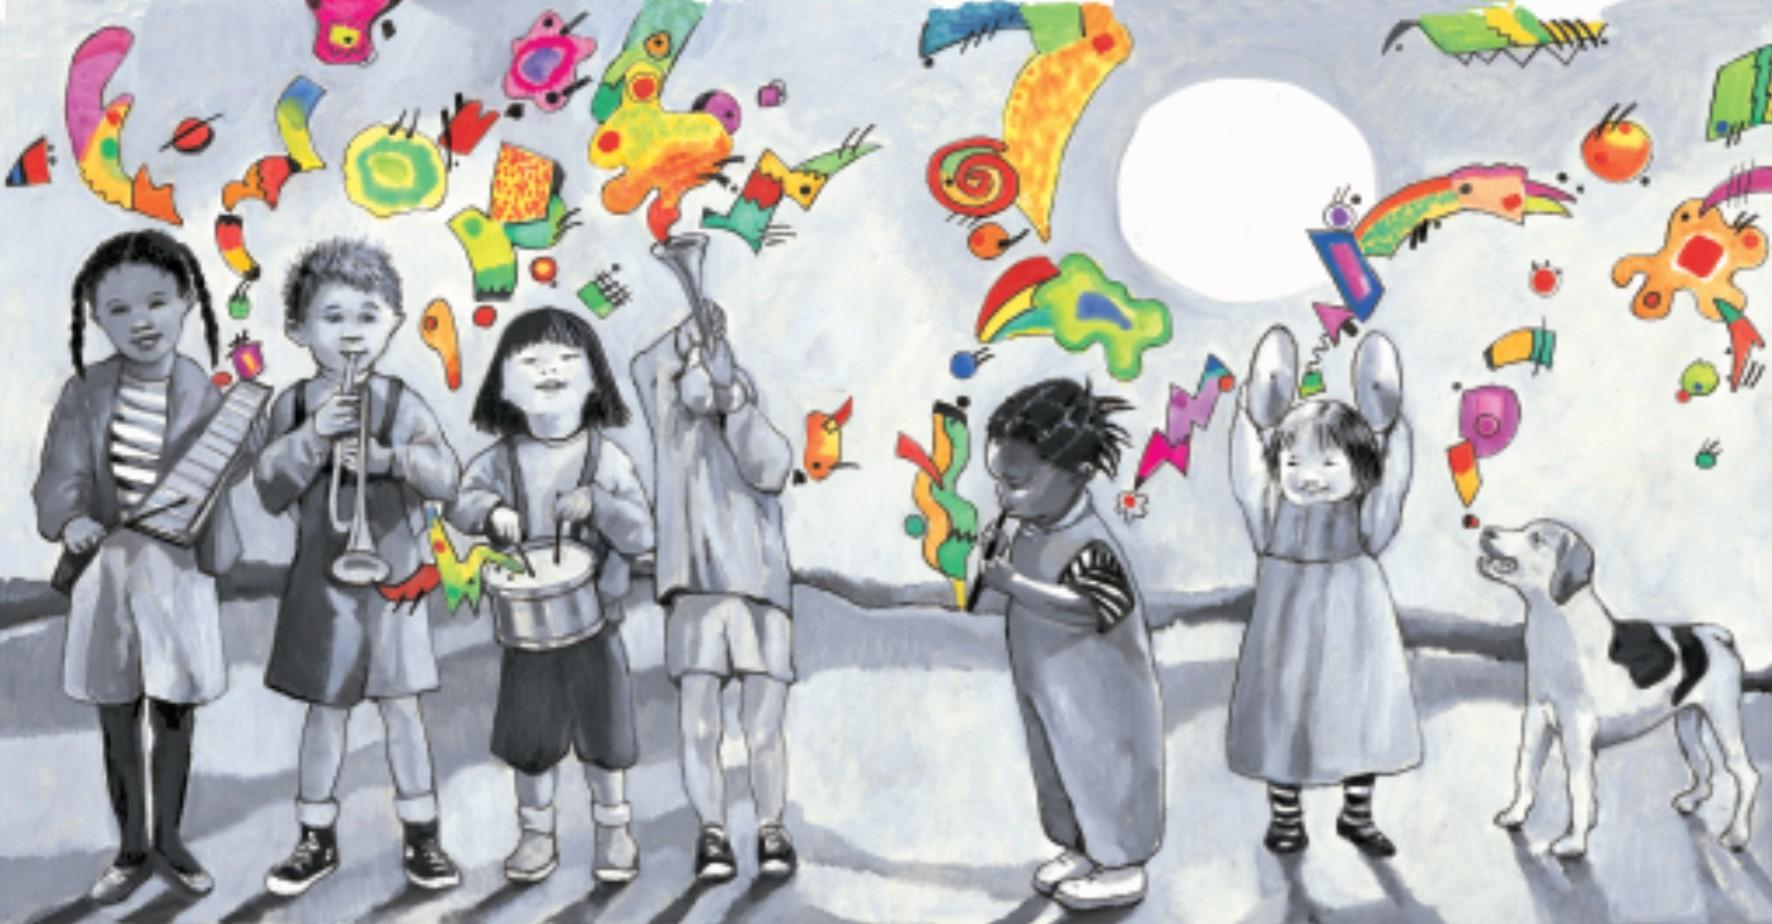 صور عيد الطفولة في ليبيا ,صور احتفال عيد الطفولة في ليبيا